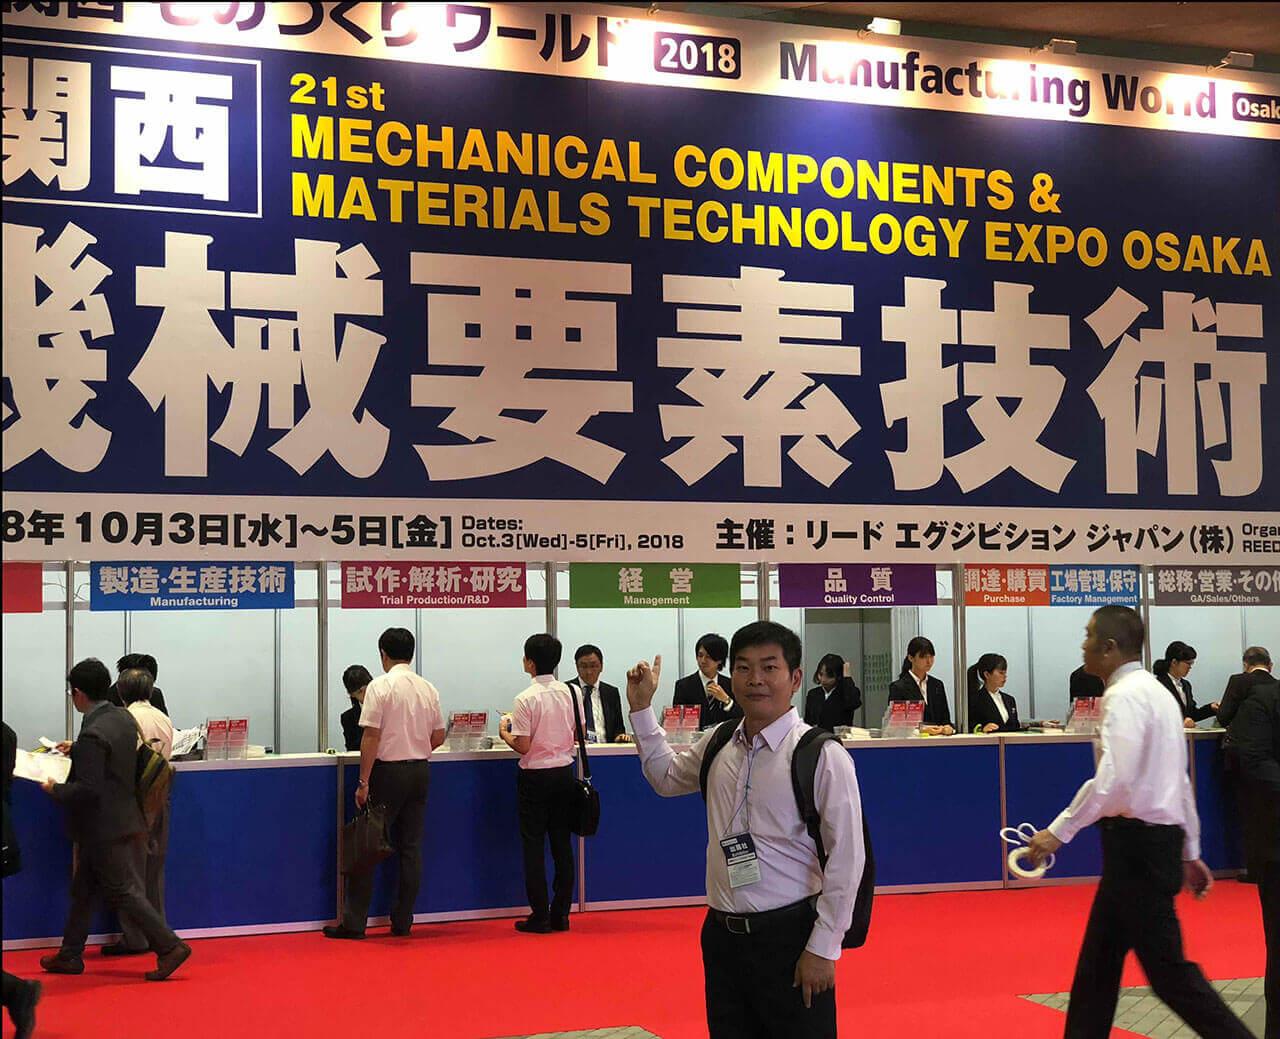 関西 機械 要素 技術 展